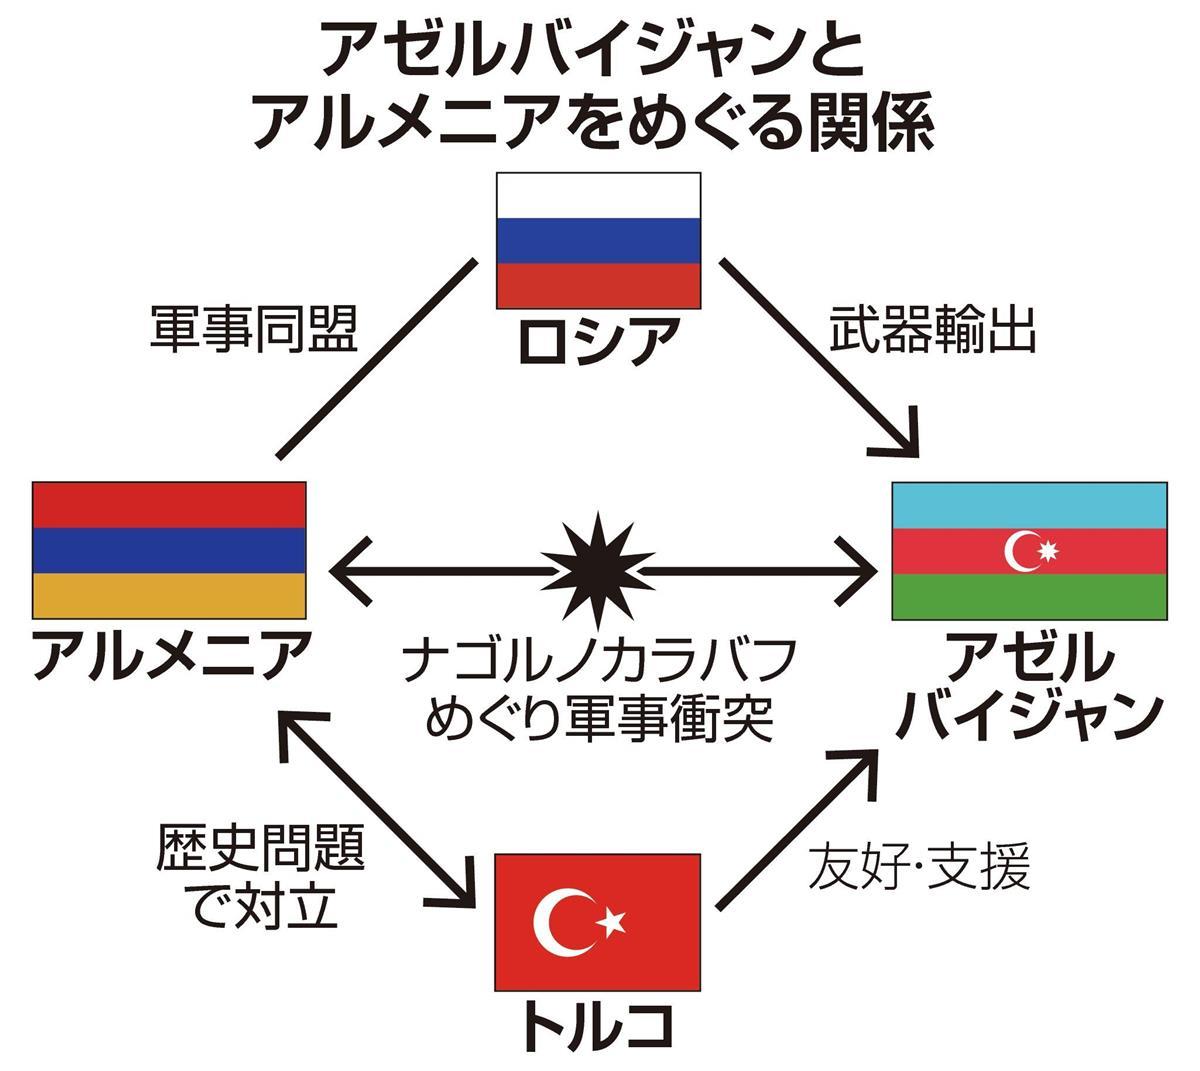 トルコ強硬、露は対応苦慮 アルメニア・アゼルバイジャン衝突、停戦 ...